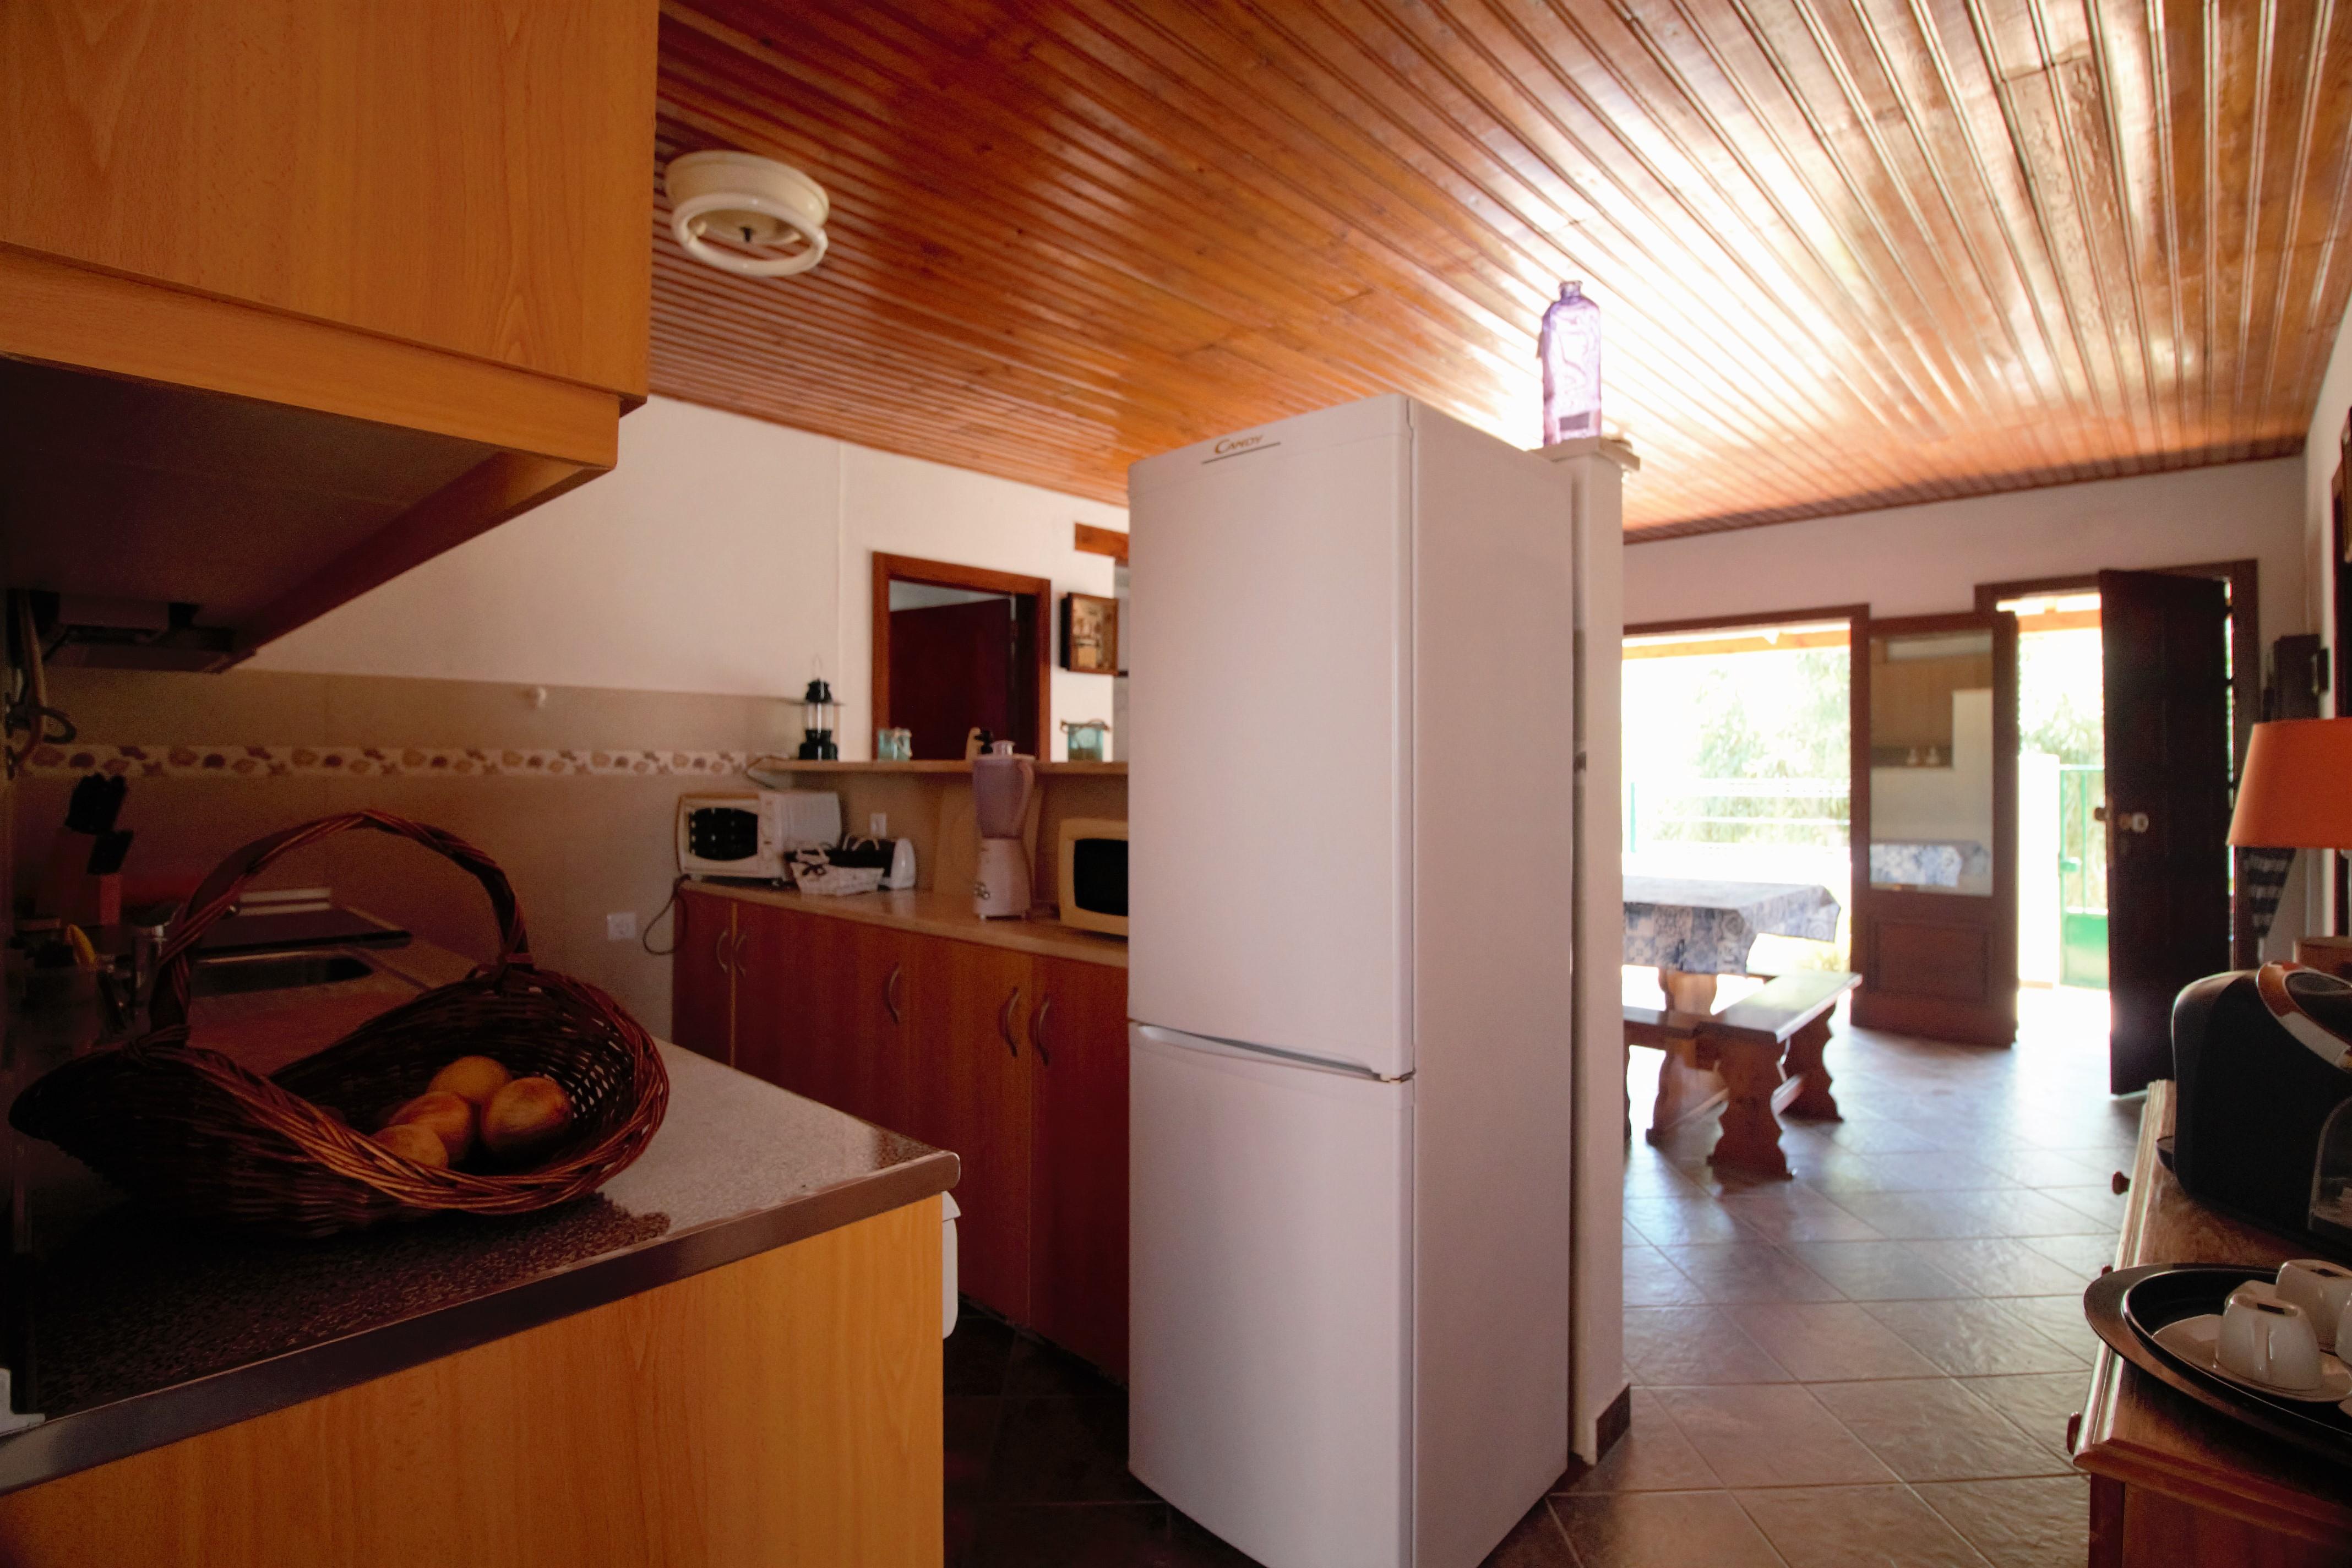 Holiday apartments and villas for rent, Moradia no Algarve com vista mar 10 mint da praia (a pé) in Olhão, Portugal Algarve, REF_IMG_6691_6698